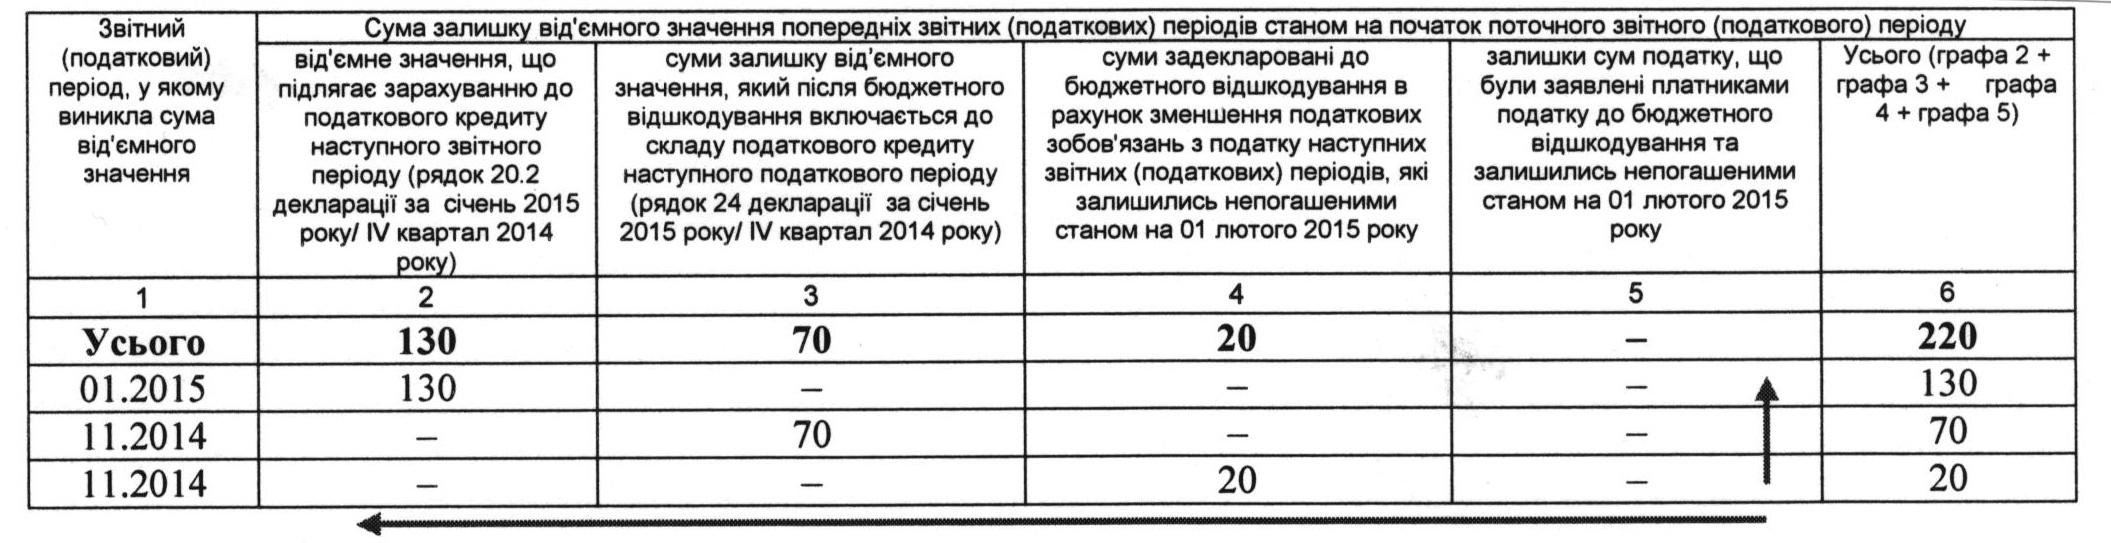 налоговая инспекция бланк форма по кнд 1152017